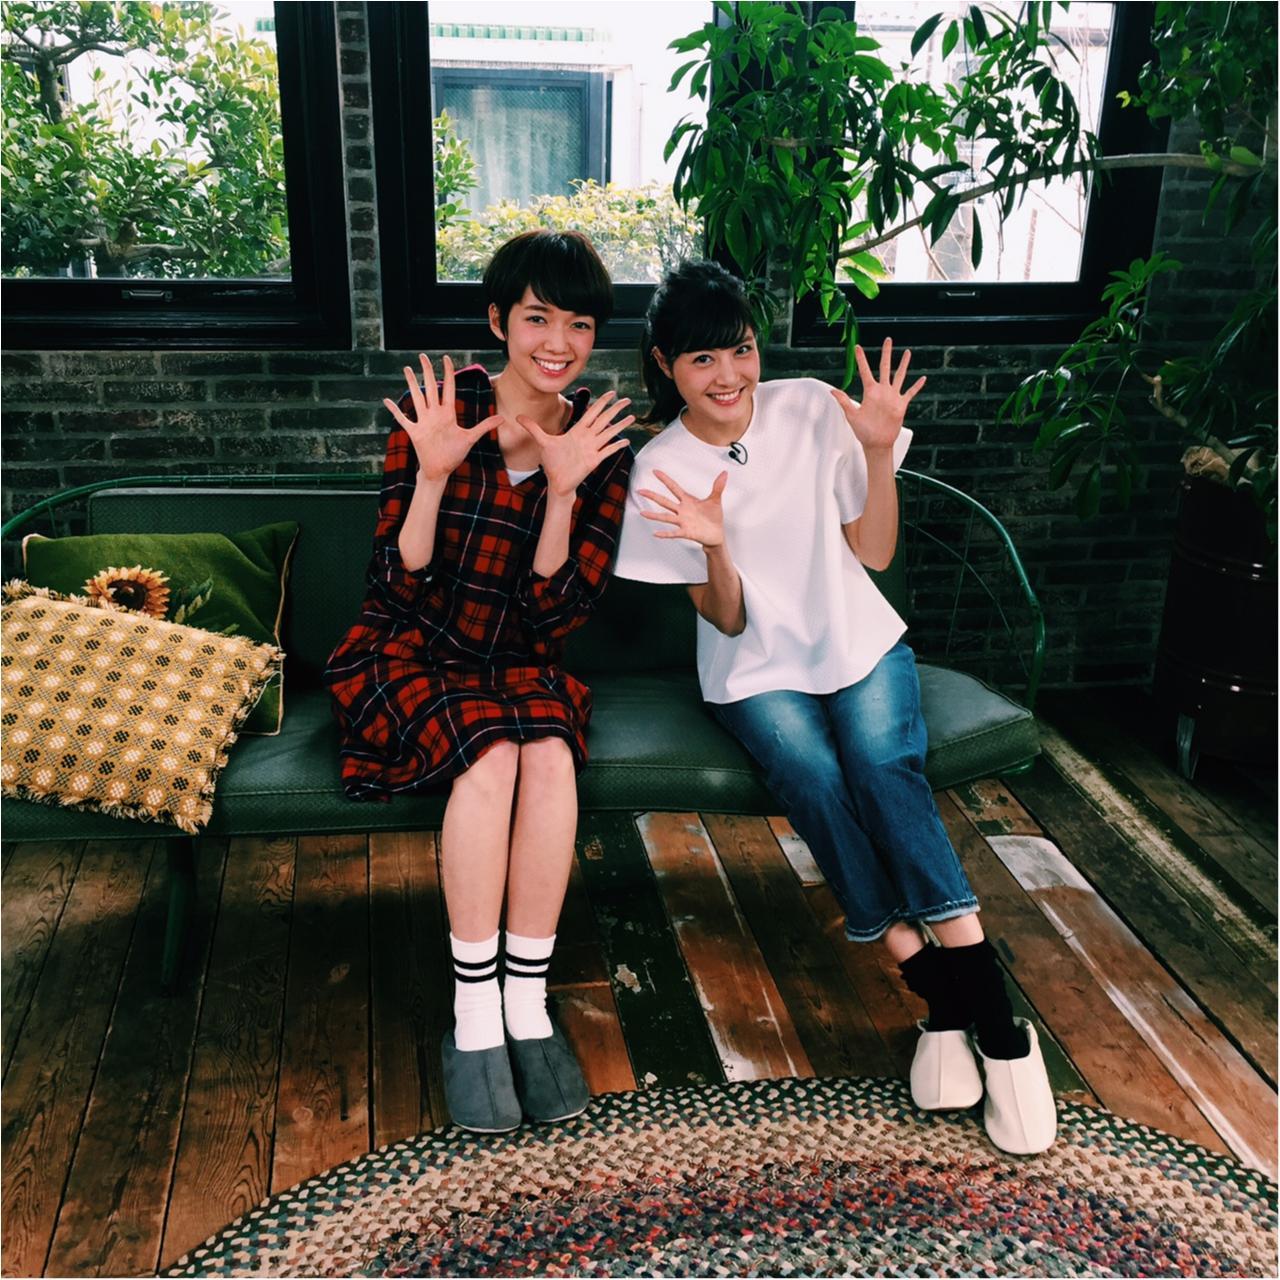 【テレビ出演情報】佐藤姉妹、「暮らしのレシピSpecial」で美容法を語る!_1